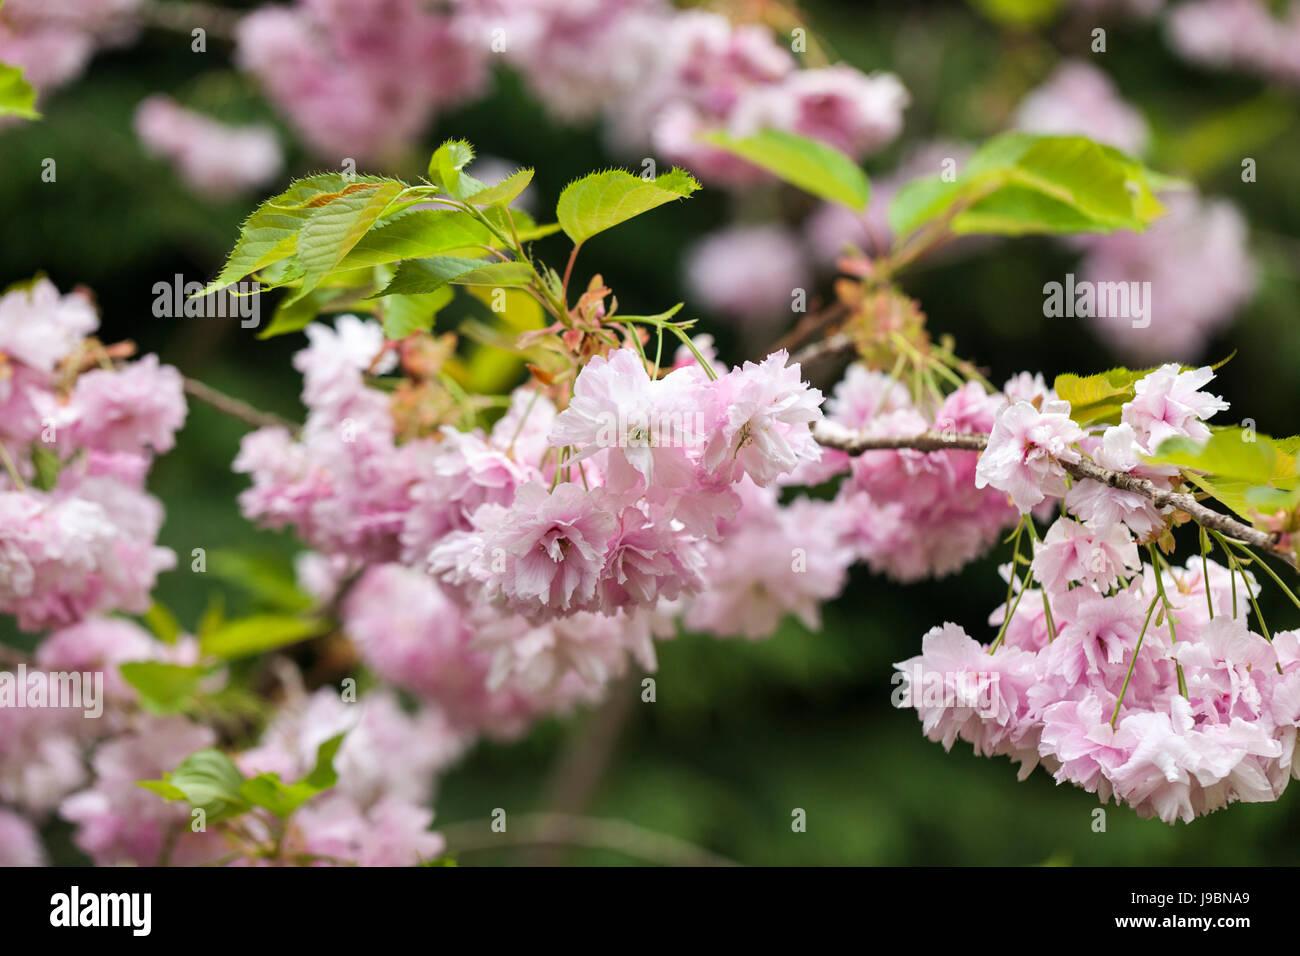 Nahaufnahme von Prunus 'Pink Perfektion' Kirschblüte im Frühling blühen Stockbild